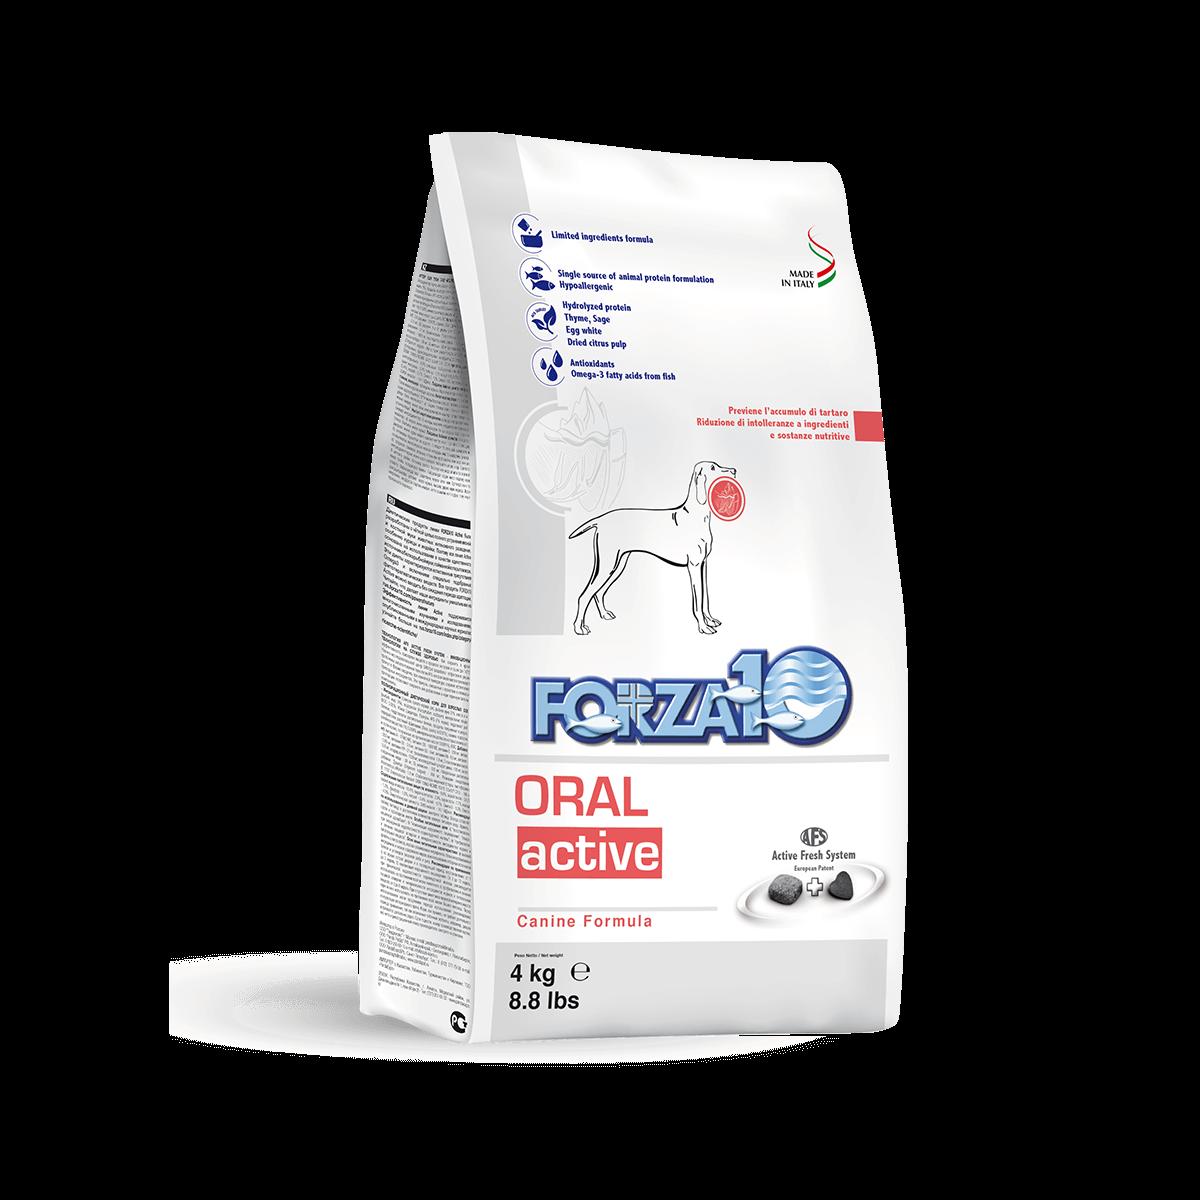 Итальянский ветеринарный корм Forza 10 ORAL ACTIVE корм для собак с проблемами ротовой полости, плохой запах, зубной камень